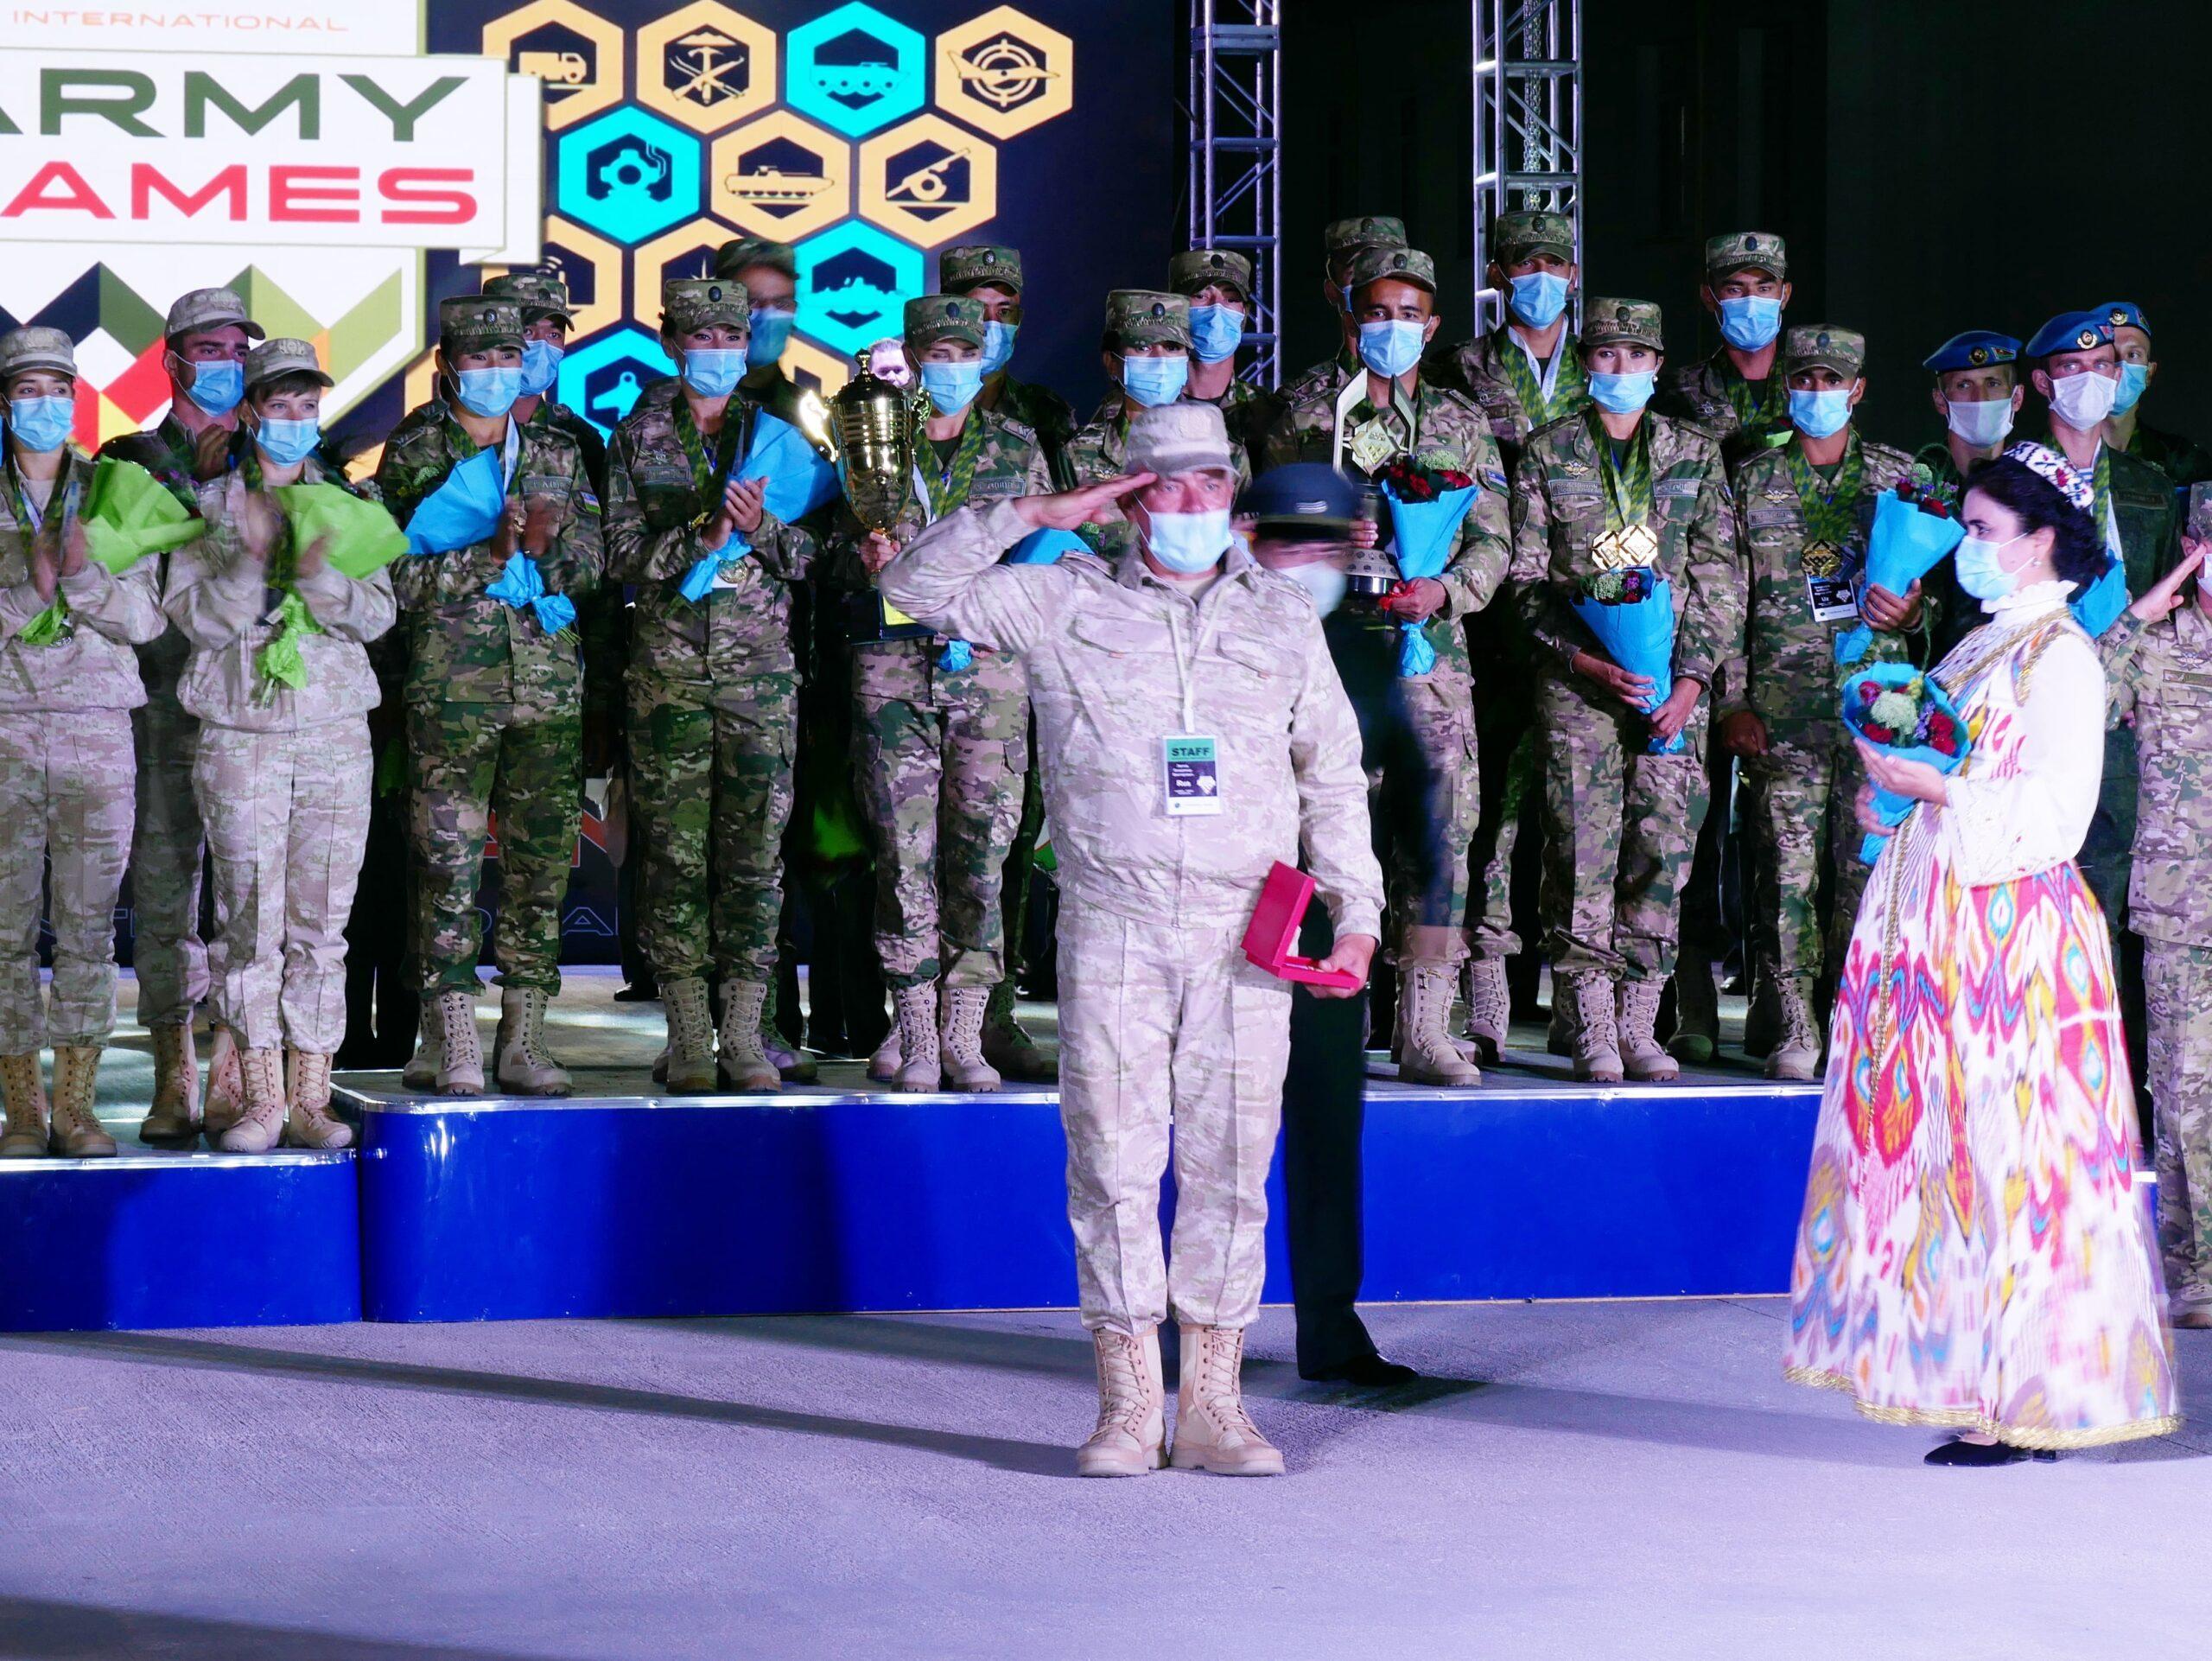 Спасибо Узбекистан! На высокогорном военном полигоне Фориш  завершилась «Военно-медицинская эстафета» в рамках Международных игр «Арми-2020»